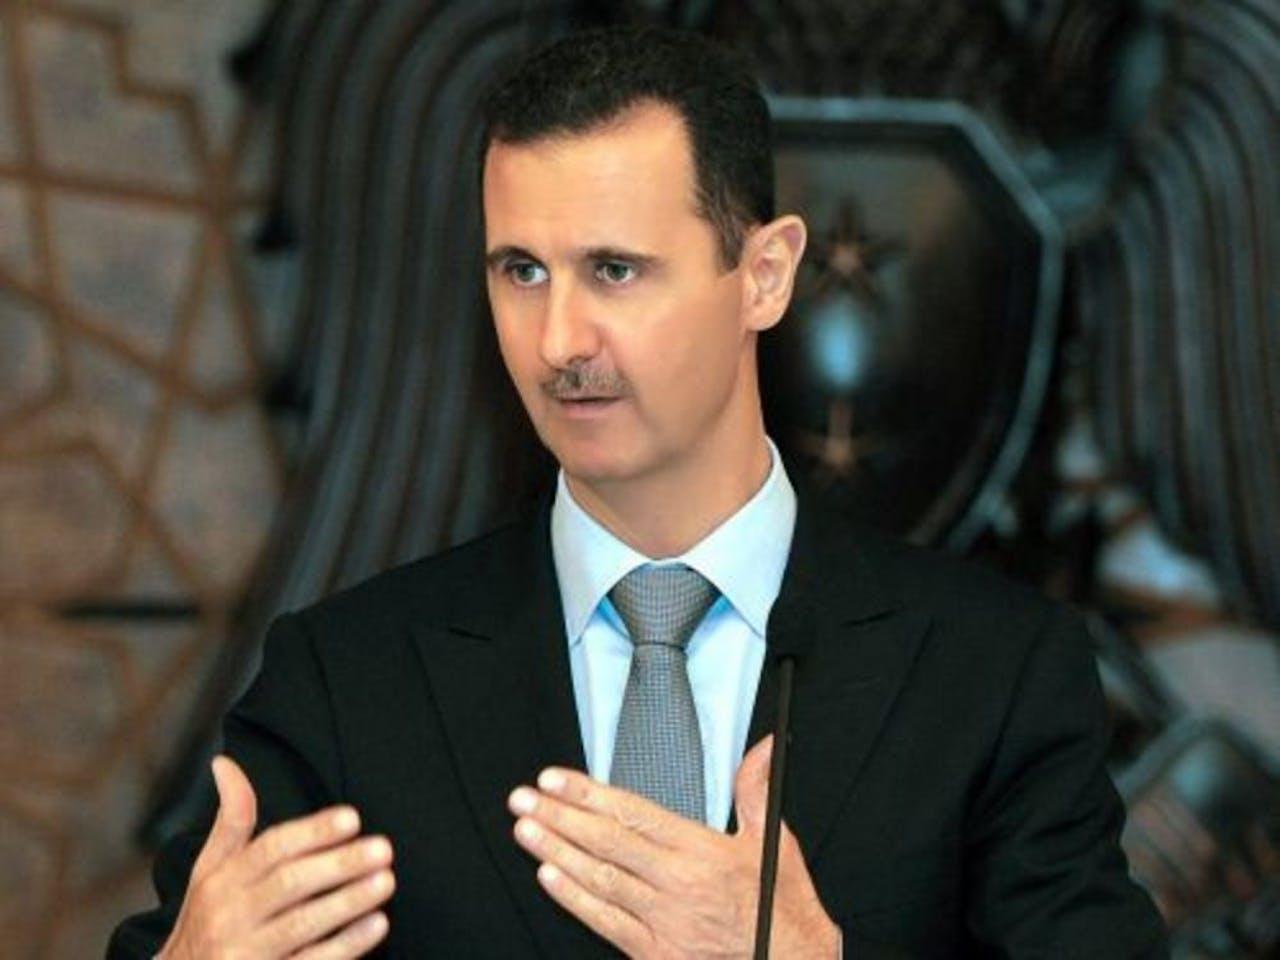 De Syrische president Bashar al-Assad. EPA